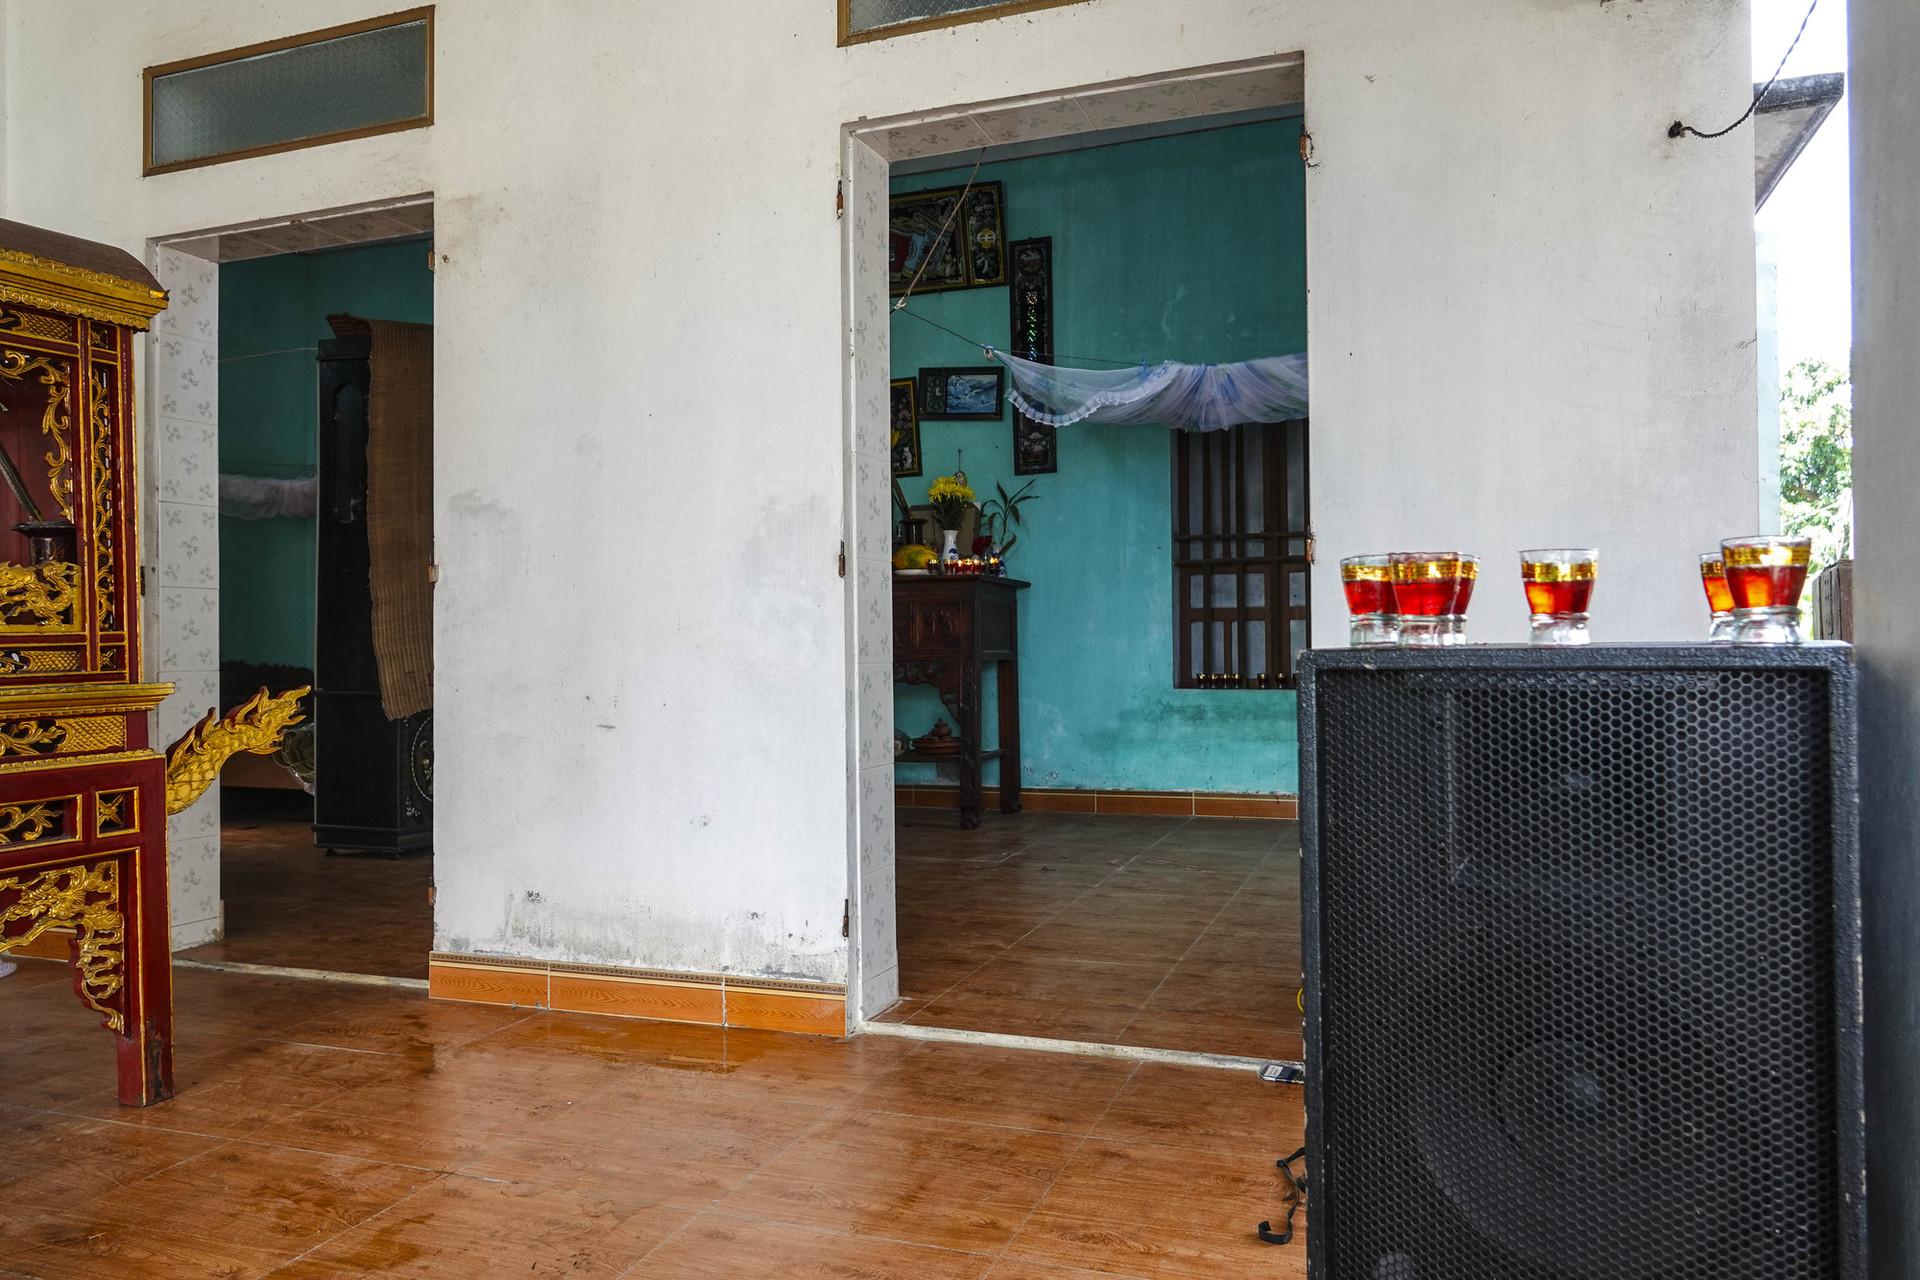 Vụ thảm án ở Thái Bình: Đám tang vội của 3 nạn nhân khiến nhiều người xót xa-12